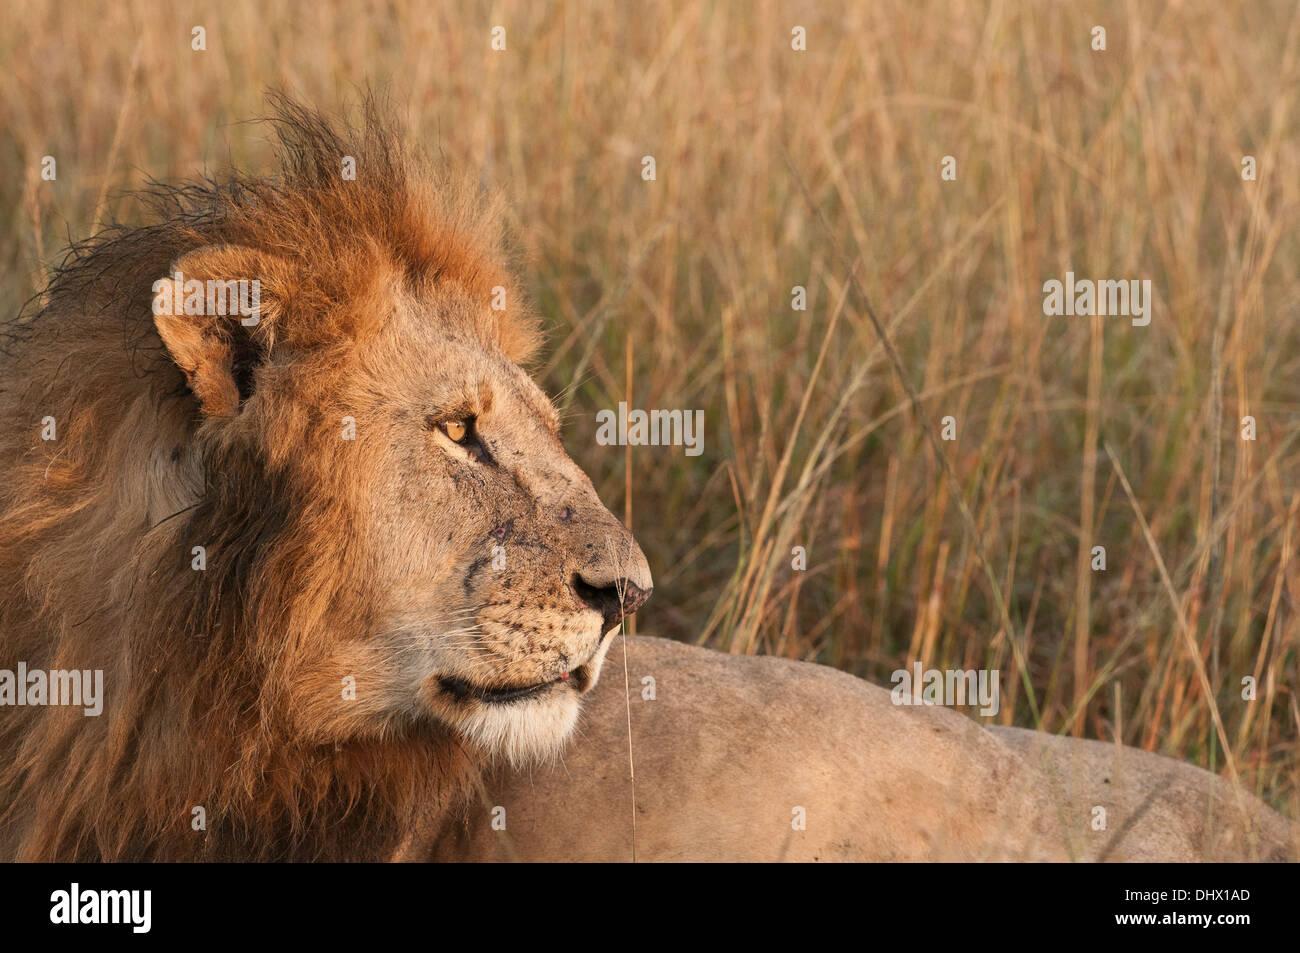 Männlicher Löwe erwacht kurz nach der ersten Ampel und blickt in die Ferne wie die Sonne aufgeht und beginnt ein neuer Tag in die Mara in Kenia. Stockbild